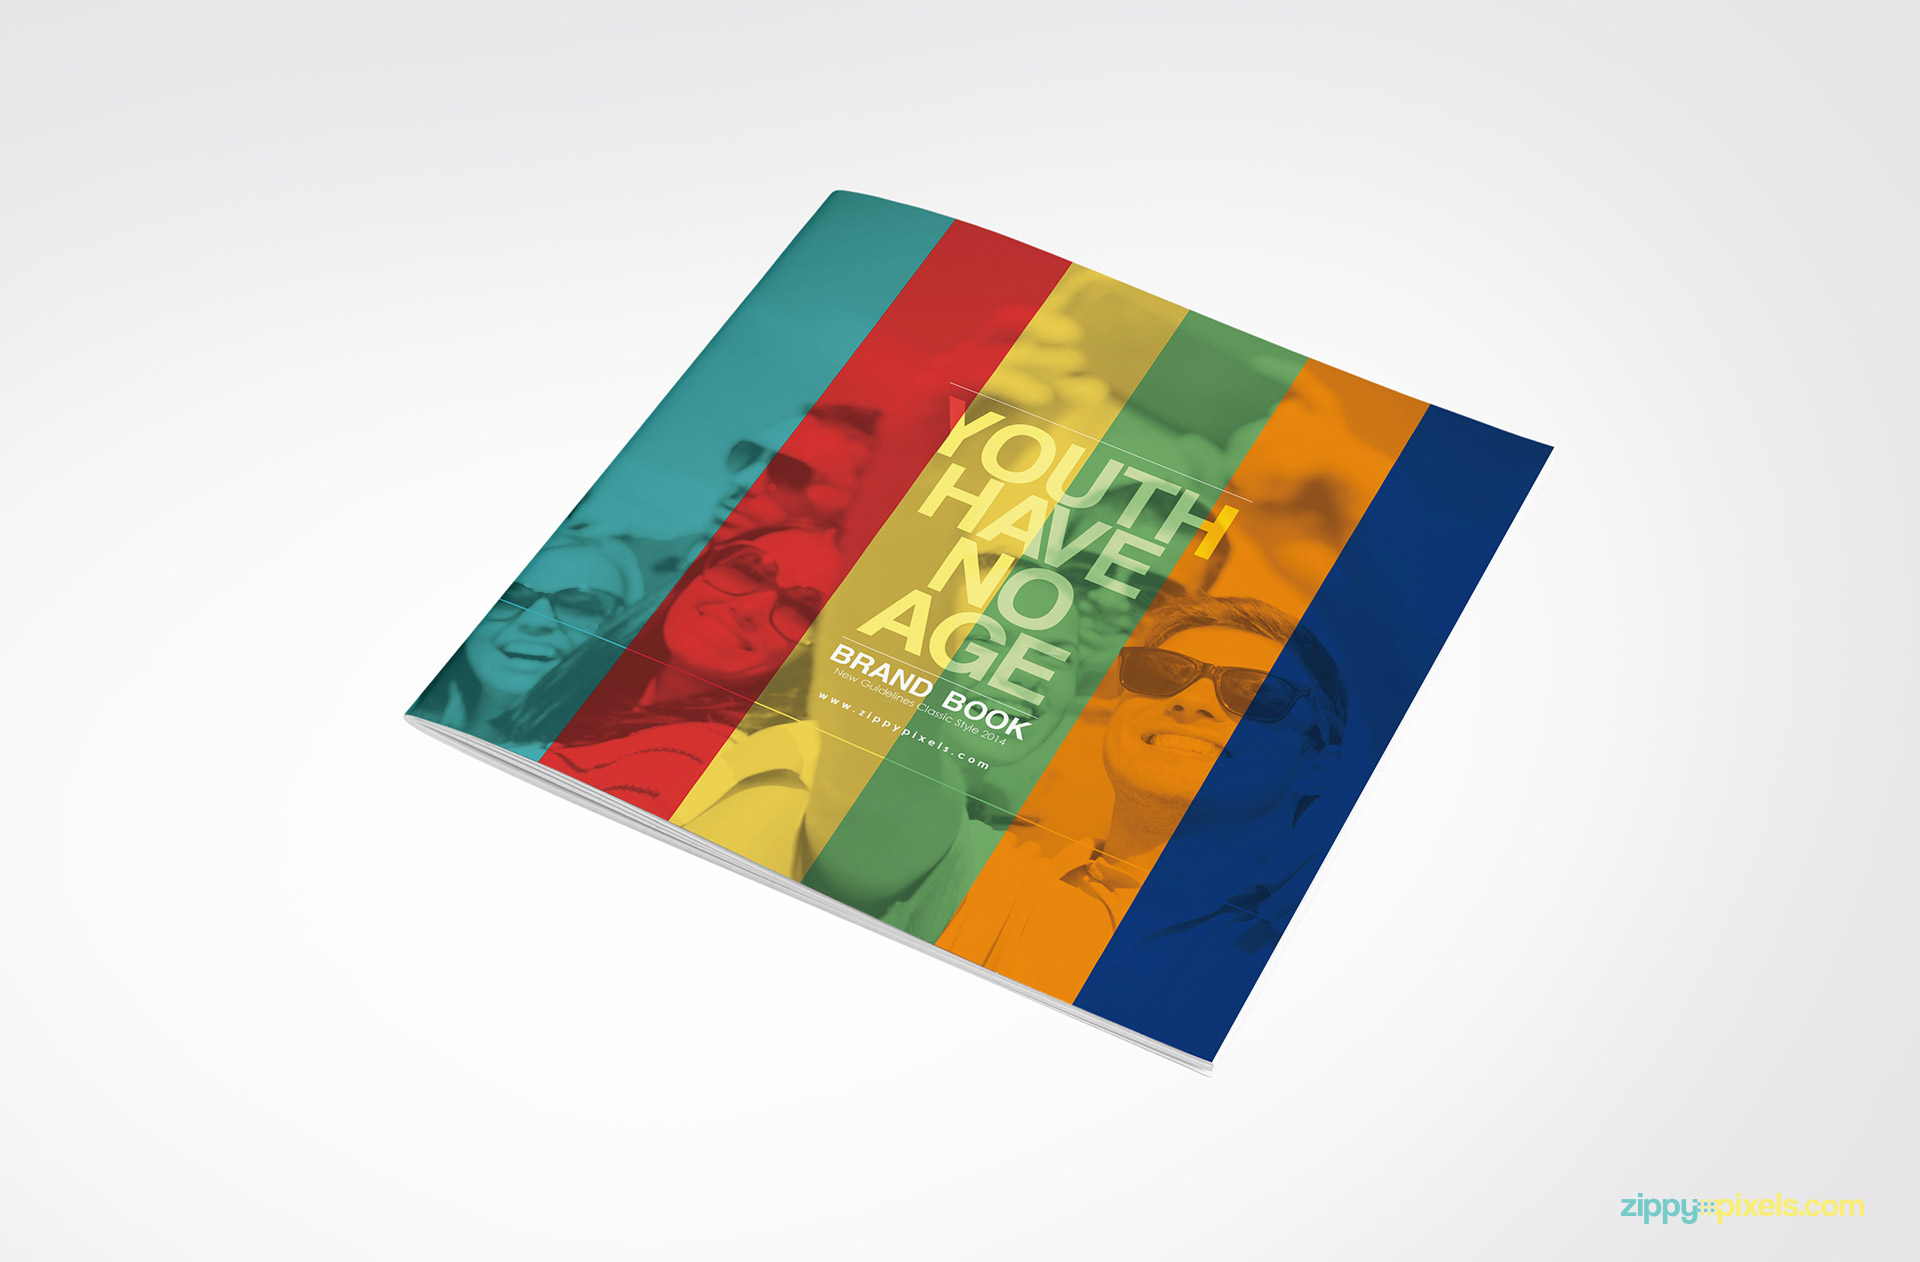 01-brand-book-12-cover